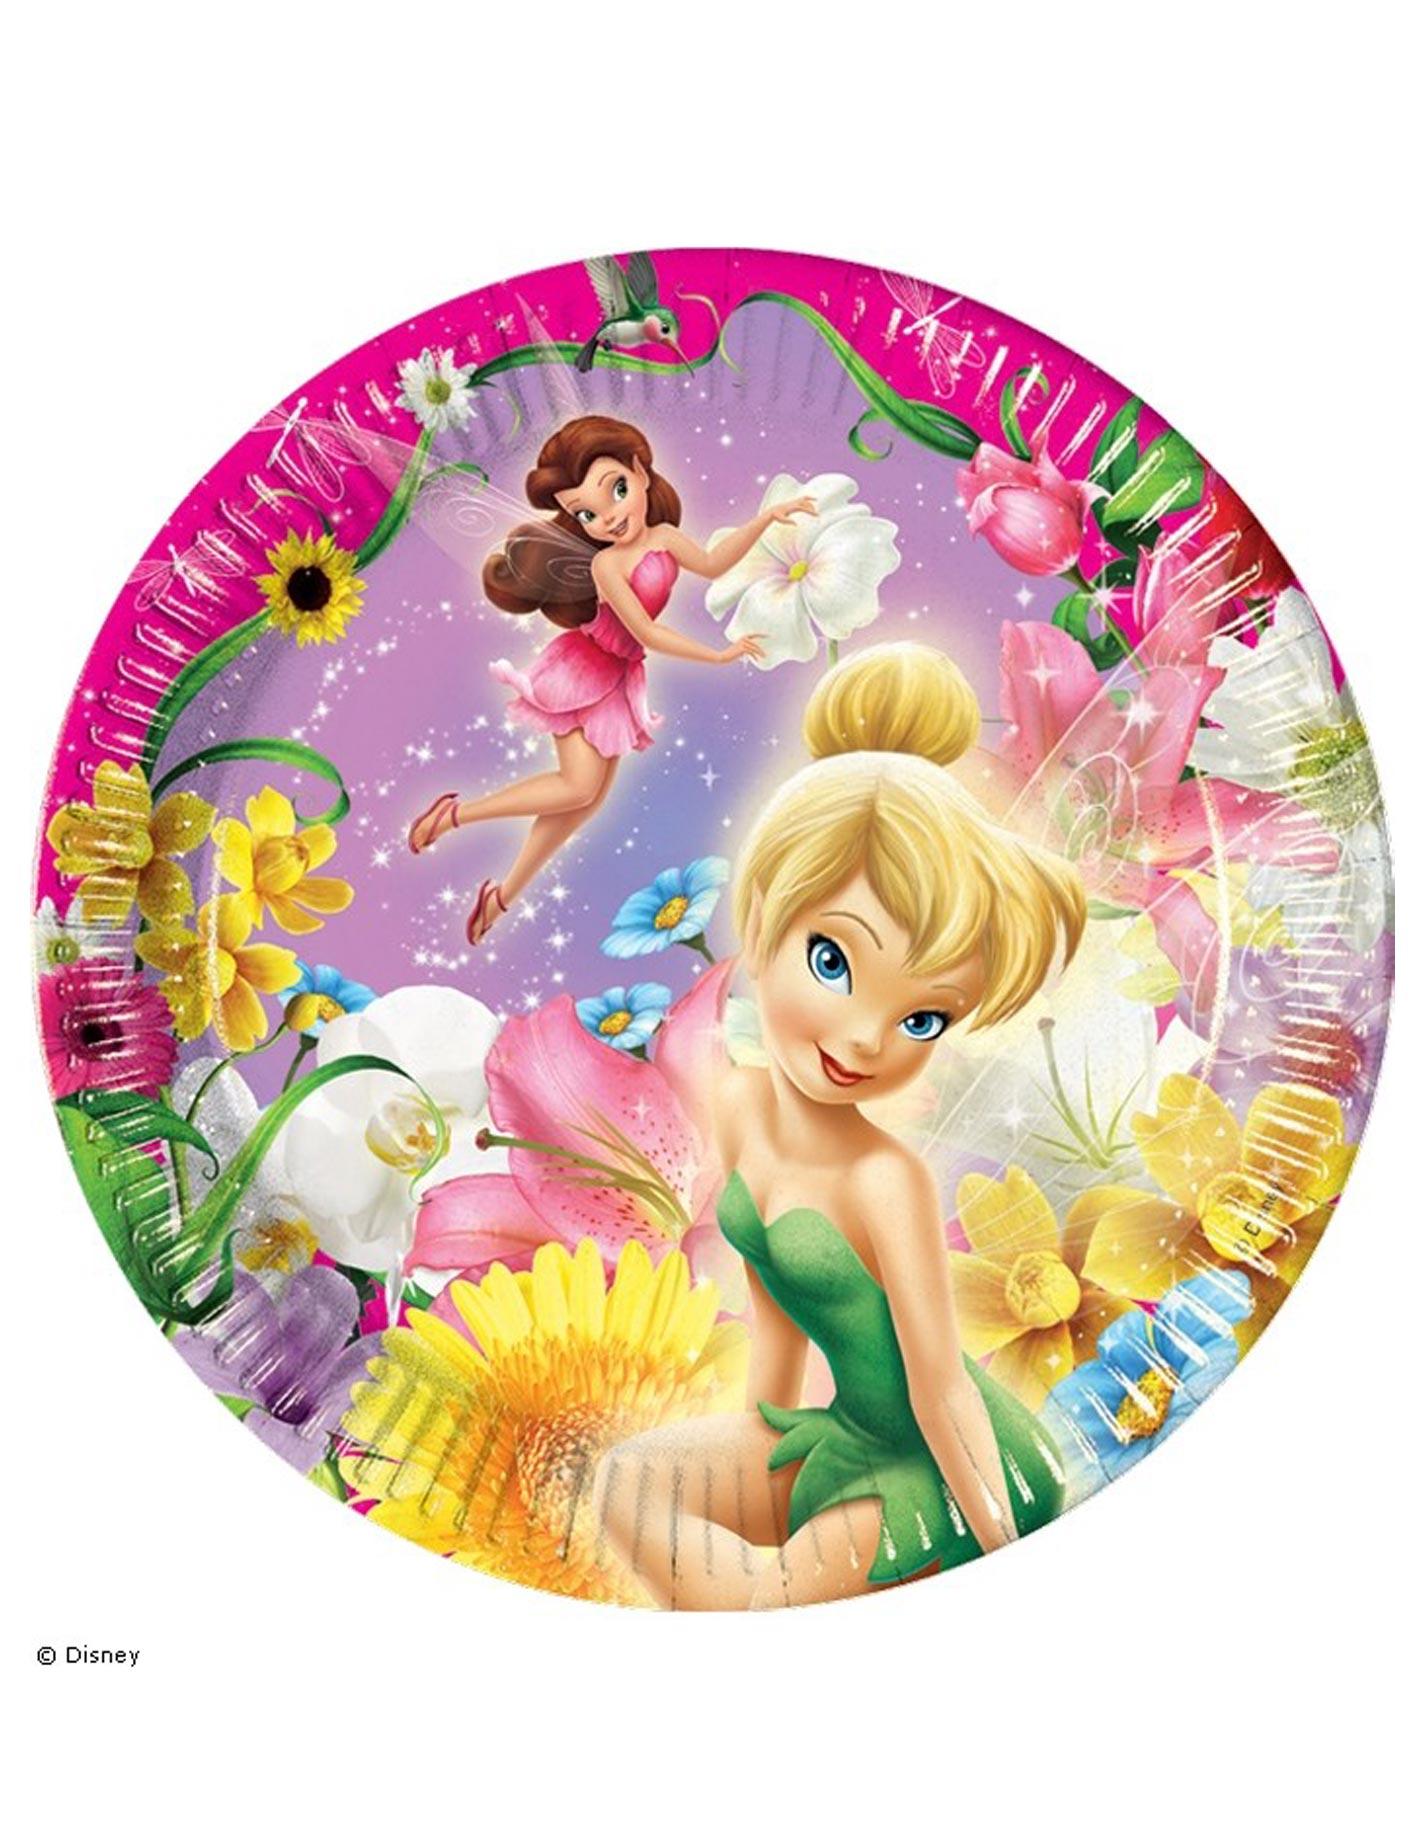 10 assiettes clochette et ses amies - Image de violetta et ses amies ...